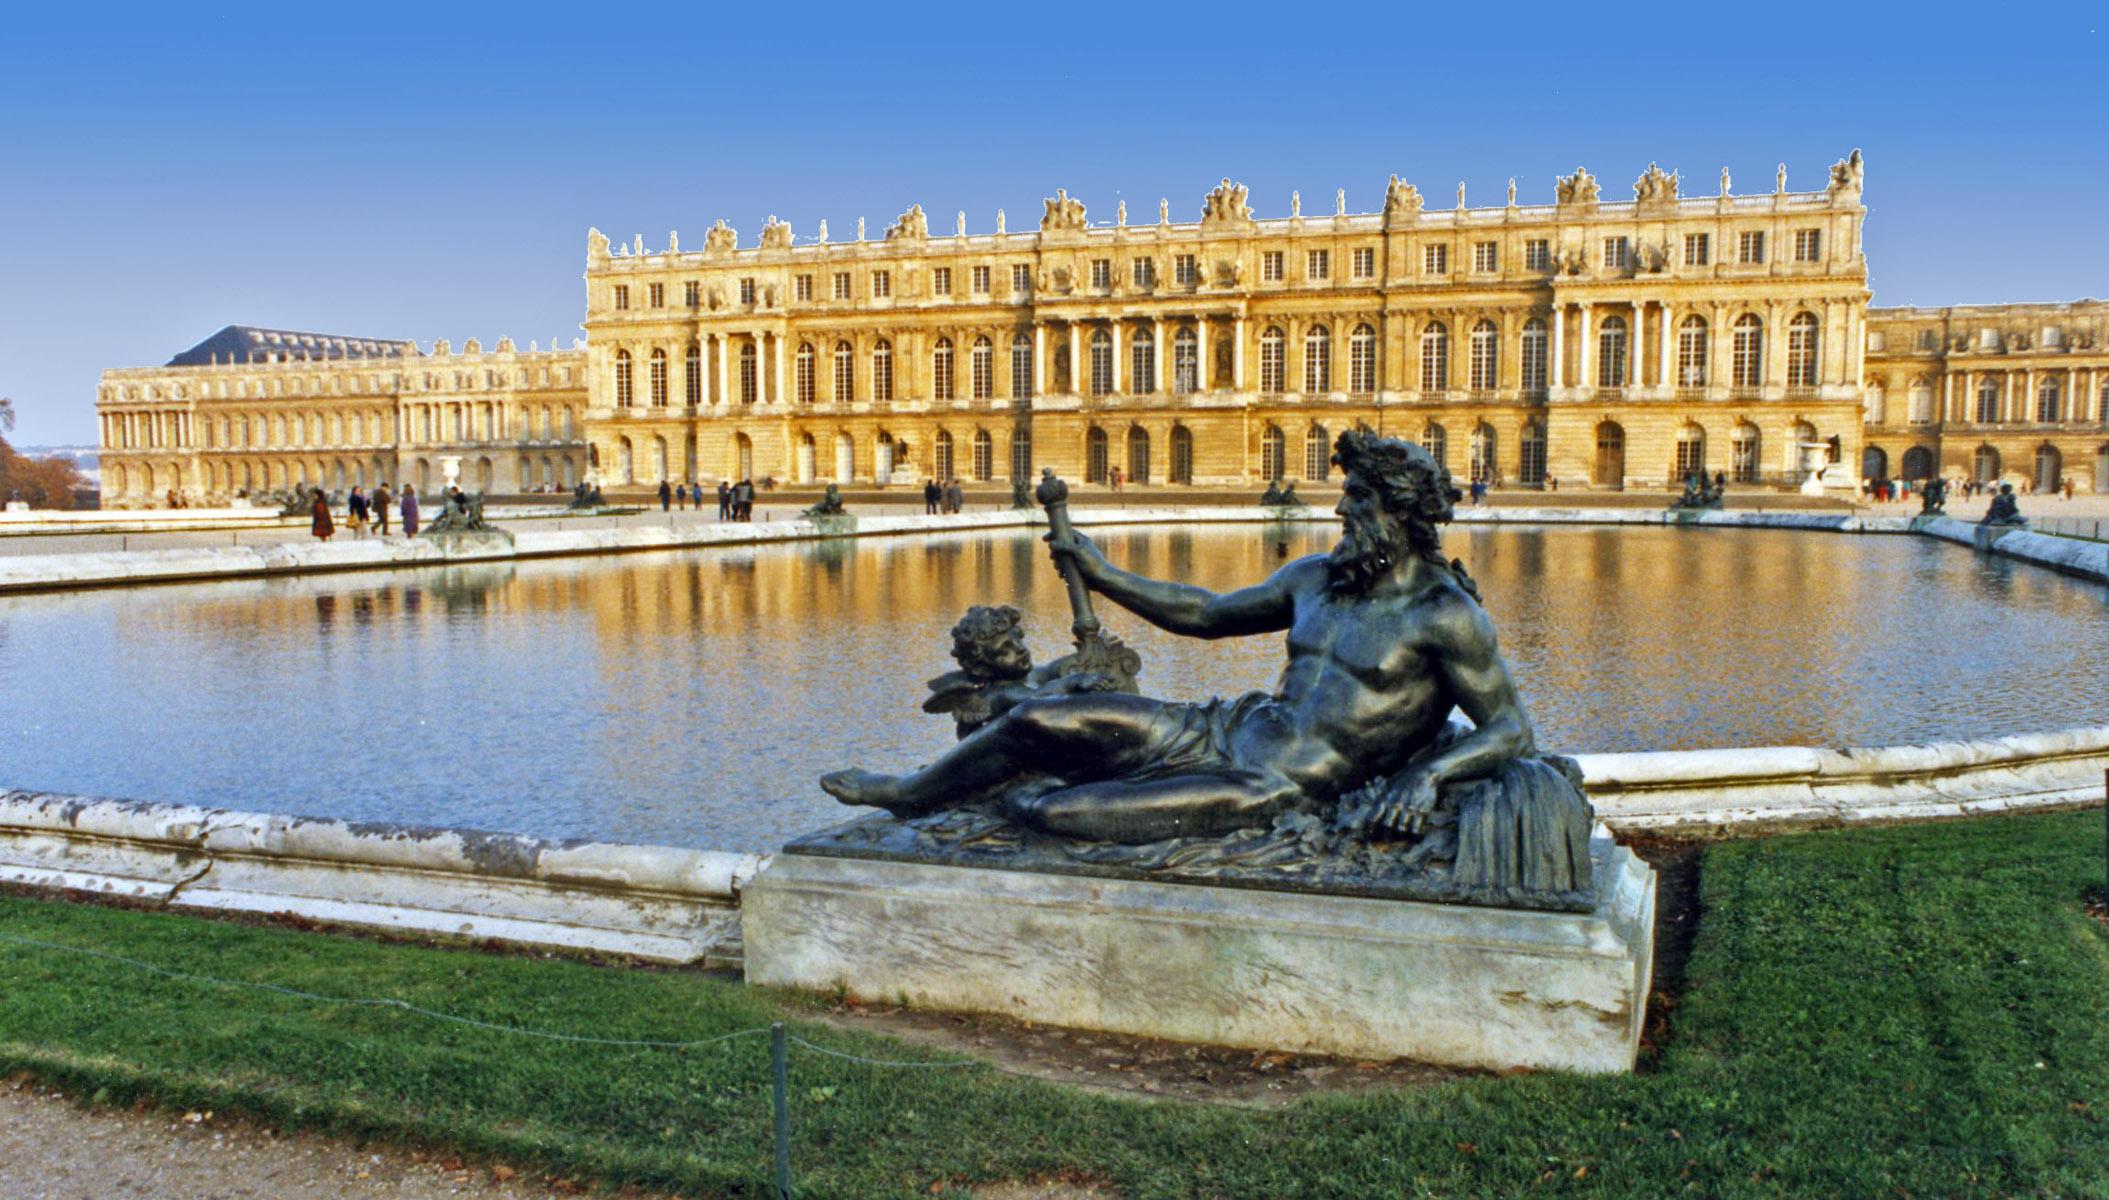 http://www.historylines.net/img/versailles/versailles_water_terrace.jpg